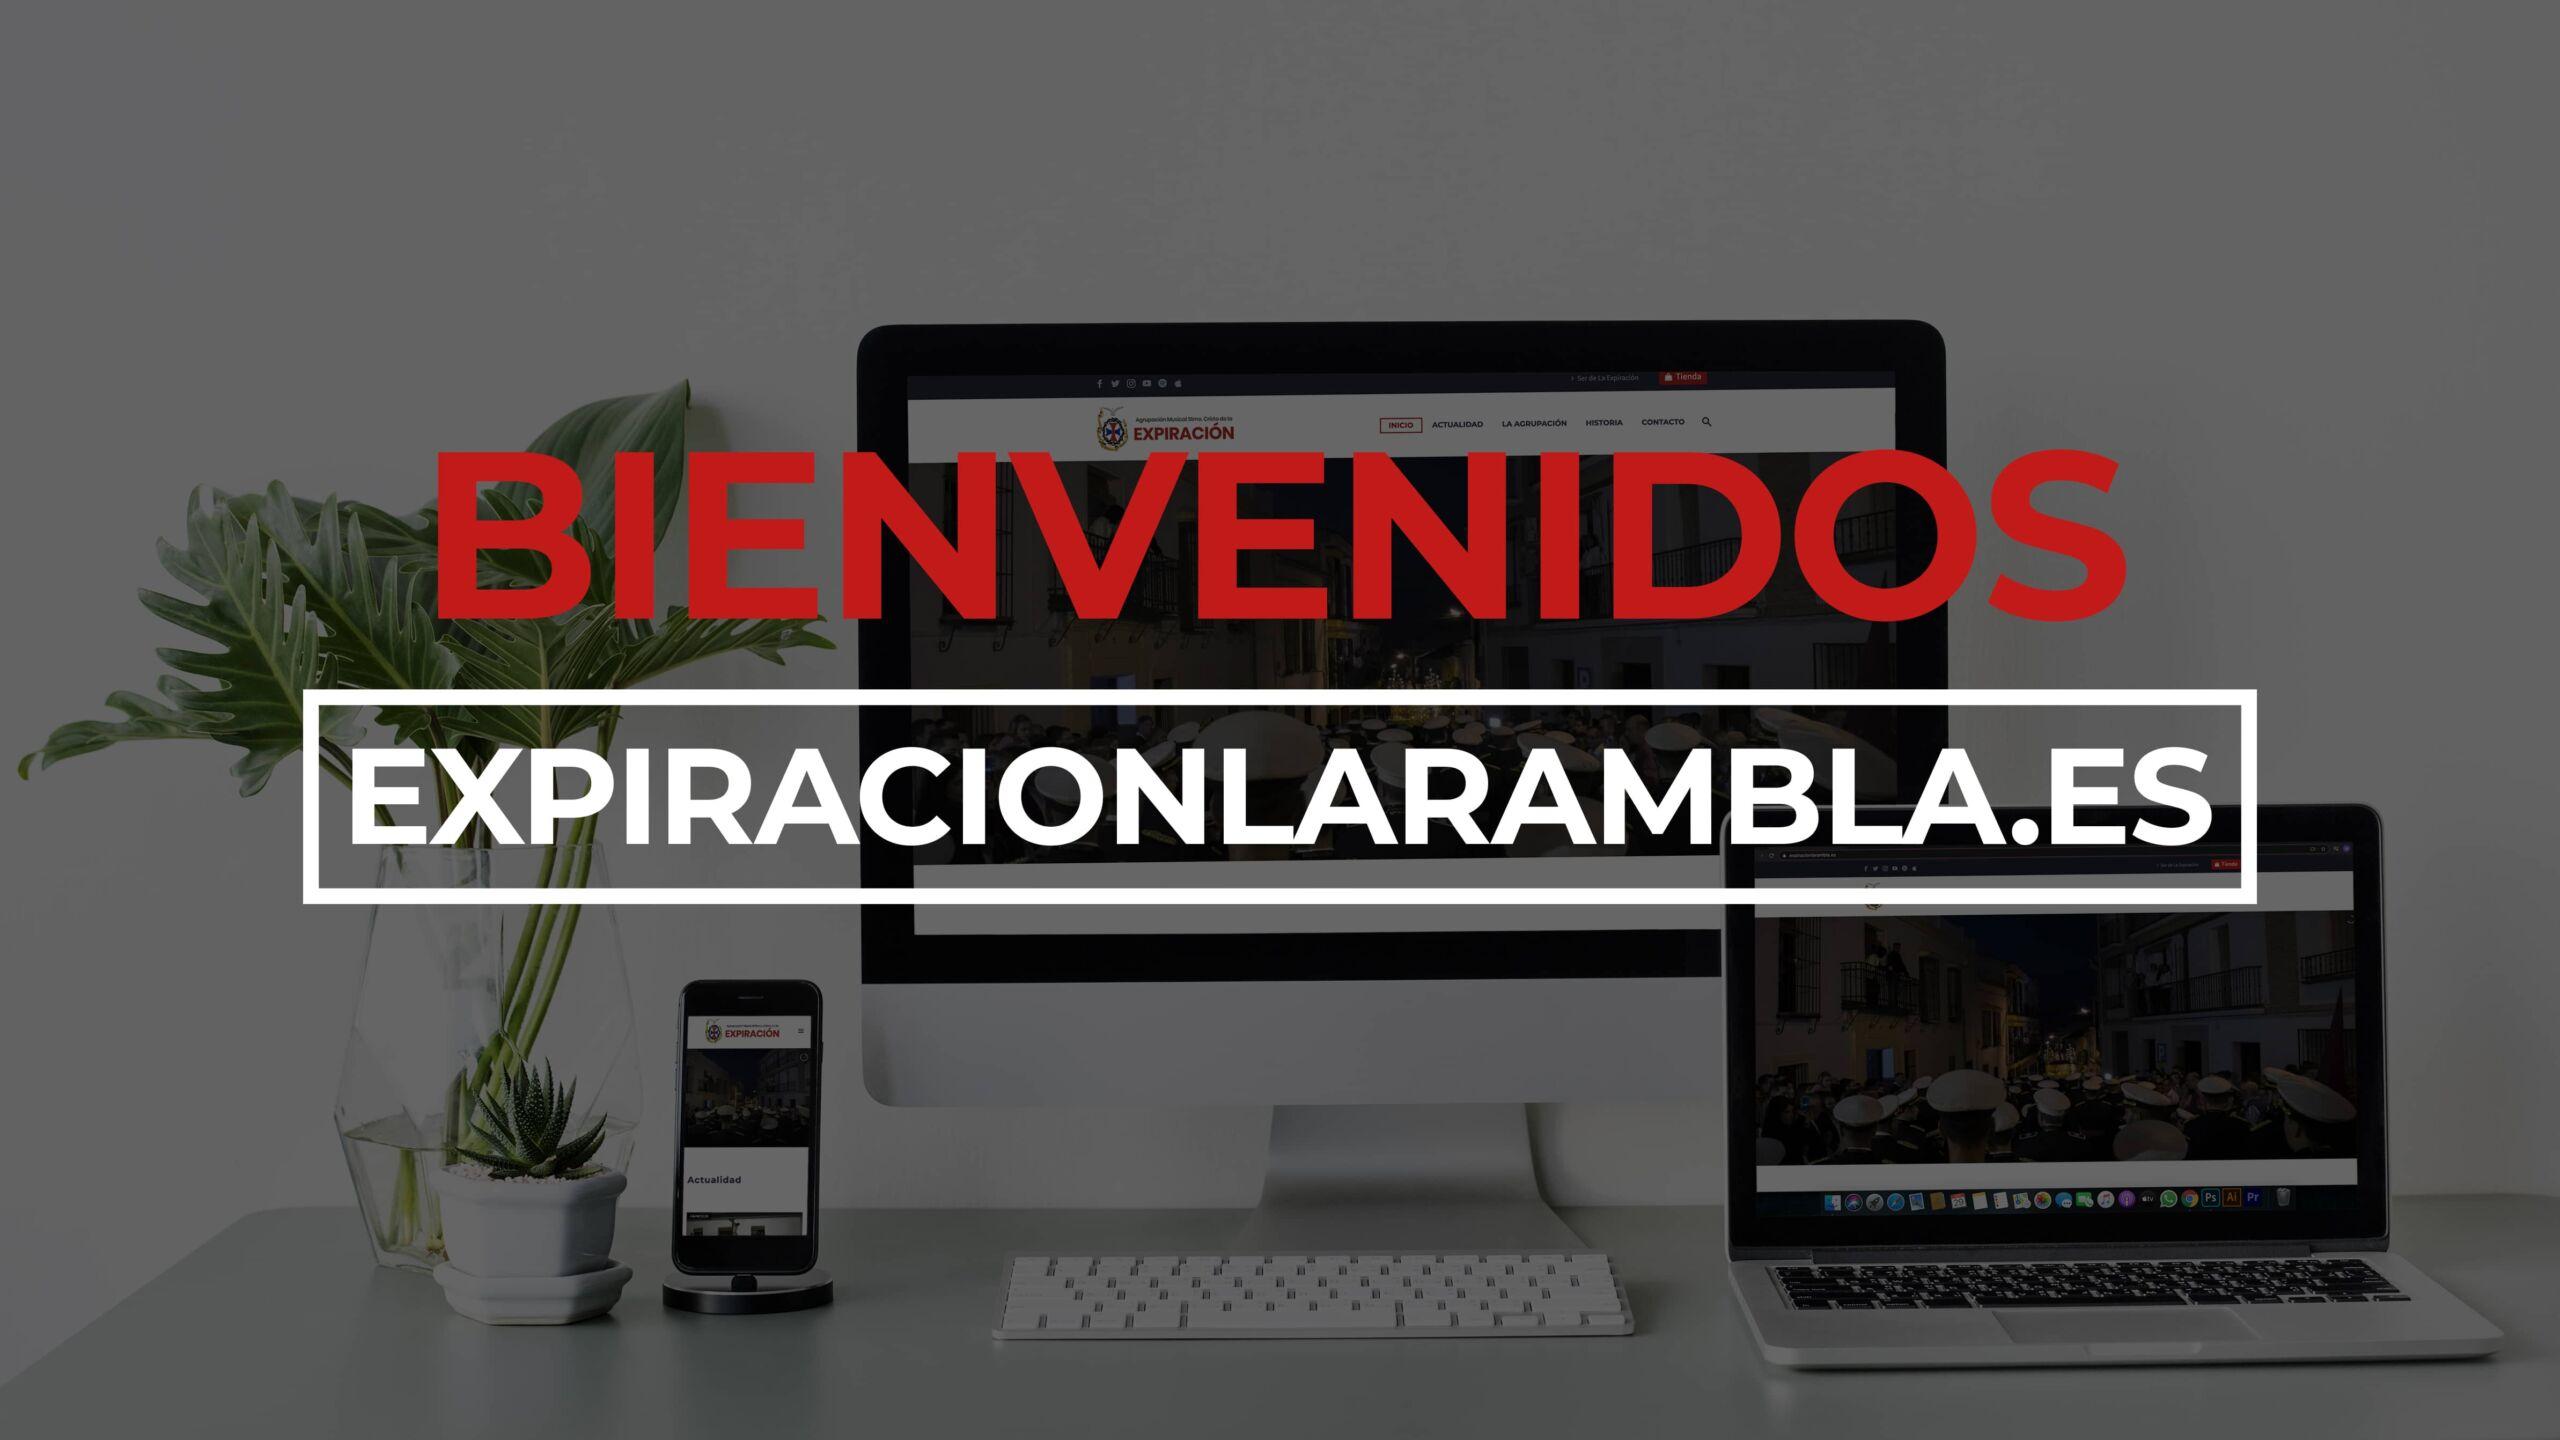 expiracionlarambla.es